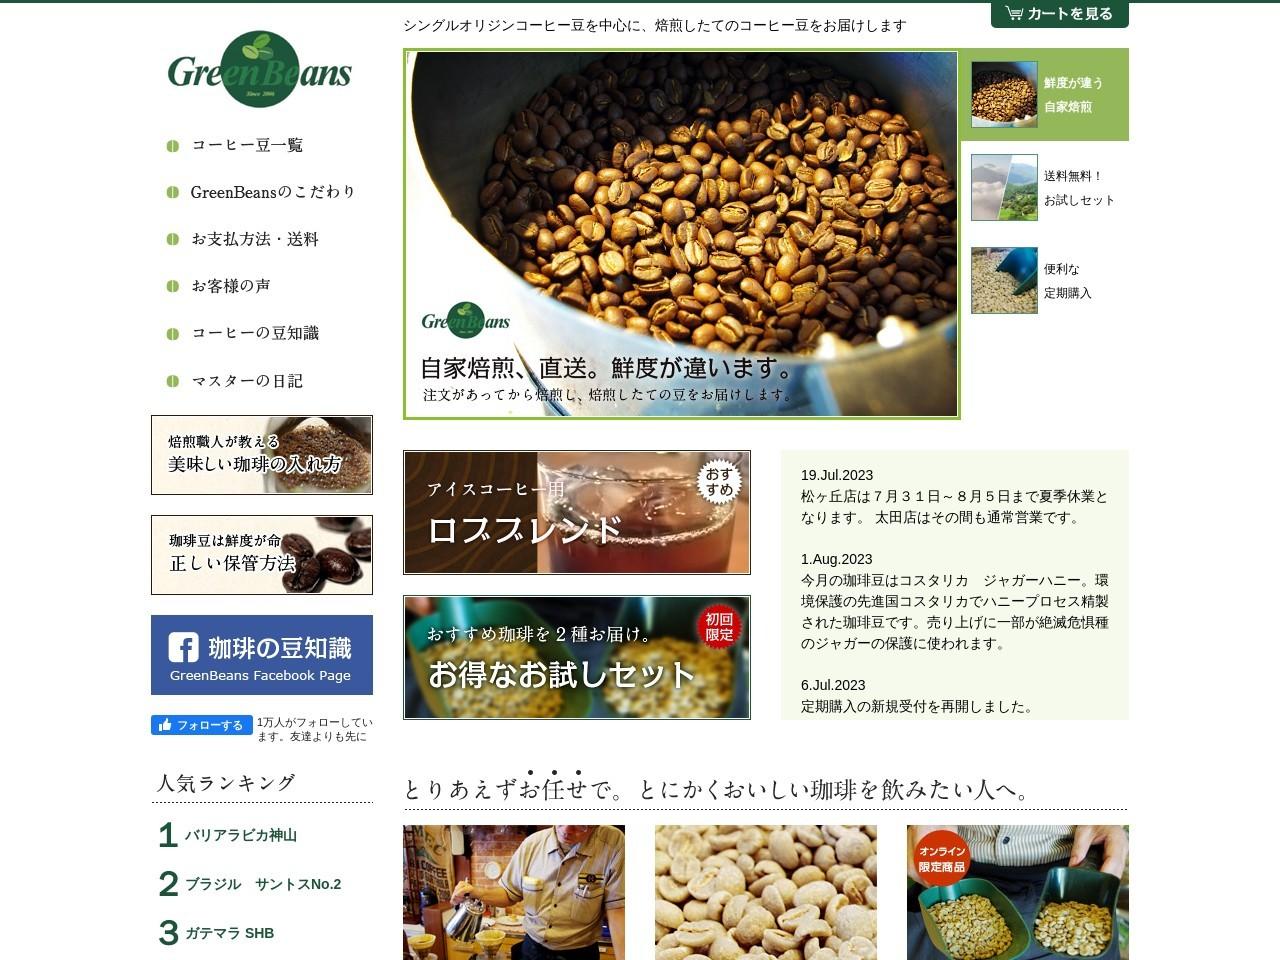 シングルオリジン コーヒー豆の焙煎・販売 GreenBeans